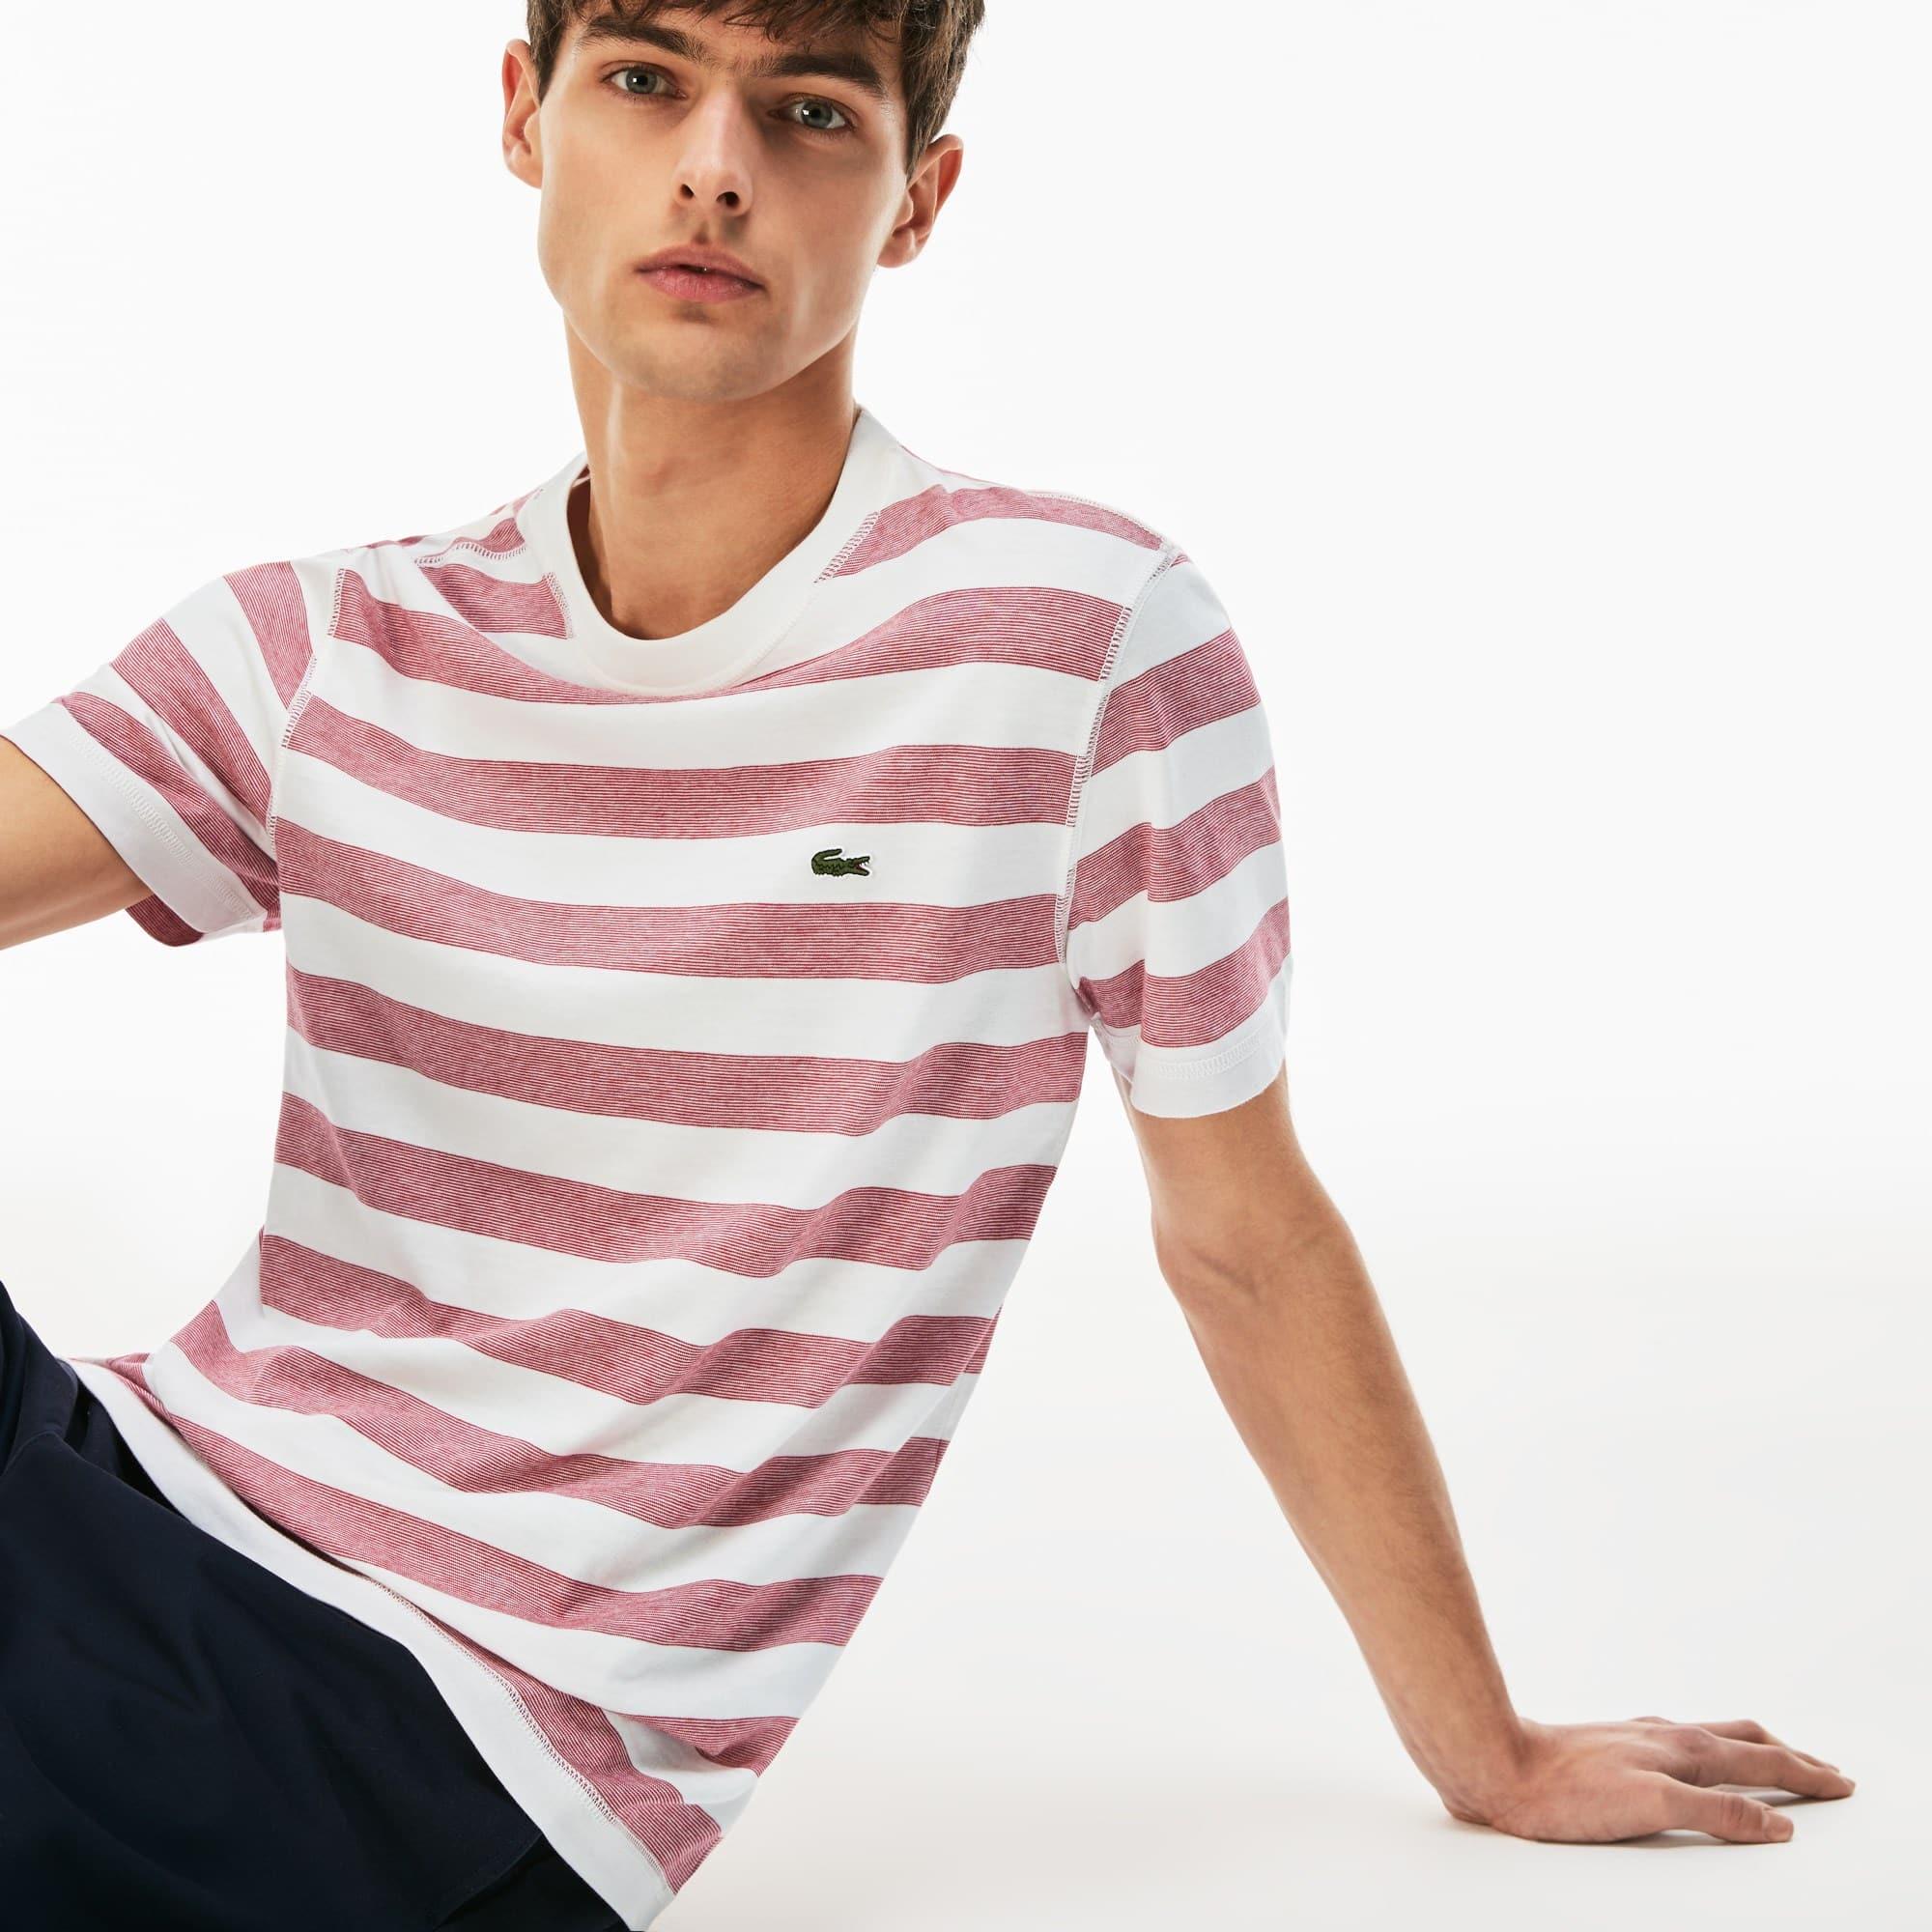 Camiseta Masculina em Jérsei de Algodão Listrado com Gola Redonda